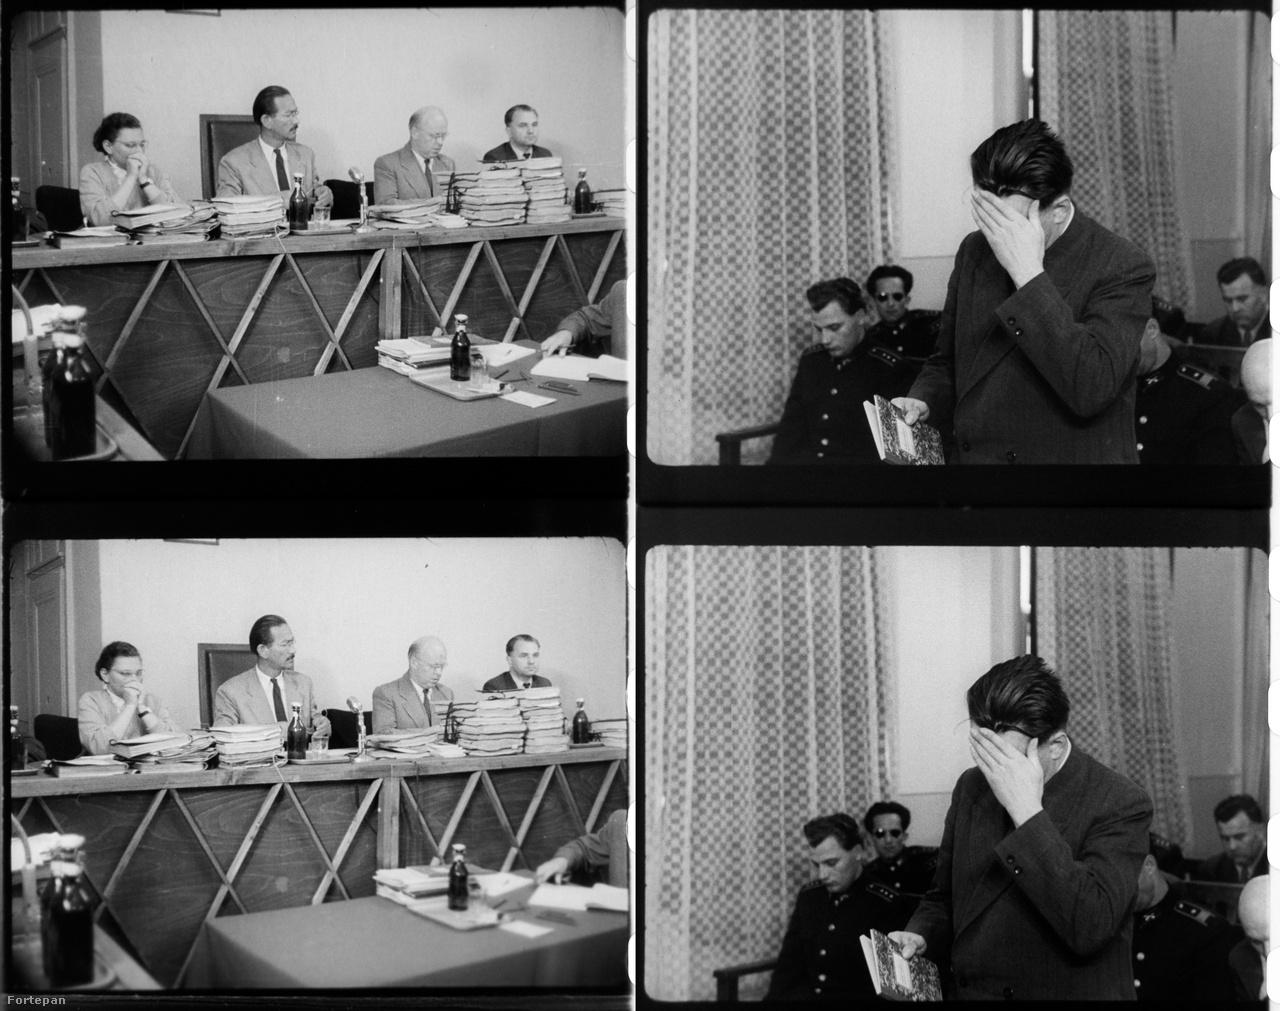 """Hamarjában összeállított, bútorlemezből és puhafa lécekből készített bírói pulpitus, hogy a valódi bíróságnak legalább a látszata meglegyen úgy-ahogy. A június 9. és 15. közötti tárgyalásokat ugyanis valójában egy kizárólag ezekre a perekre átalakított, egyébként kultúrteremként használt helyiségben tartották a Gyorskocsi utcai börtön harmadik emeletén. A bíróság tagjai a per egy hete alatt el sem hagyták az épületet, ott aludtak, a tárgyalóterem mellett pedig egy svédasztalos szobát tartottak fenn nekik. A külvilág kizárása és a filmes világosítók kedvéért az ideiglenes tárgyalótermet lefüggönyözték, de a meleg és a levegőtlenség miatt egy idő után a becsukott ablakokat mégis kénytelenek voltak kinyitni. """"A tárgyalás utolsó napjaiban jól hallható madárcsicsergést rögzítettek a magnetofonok."""""""